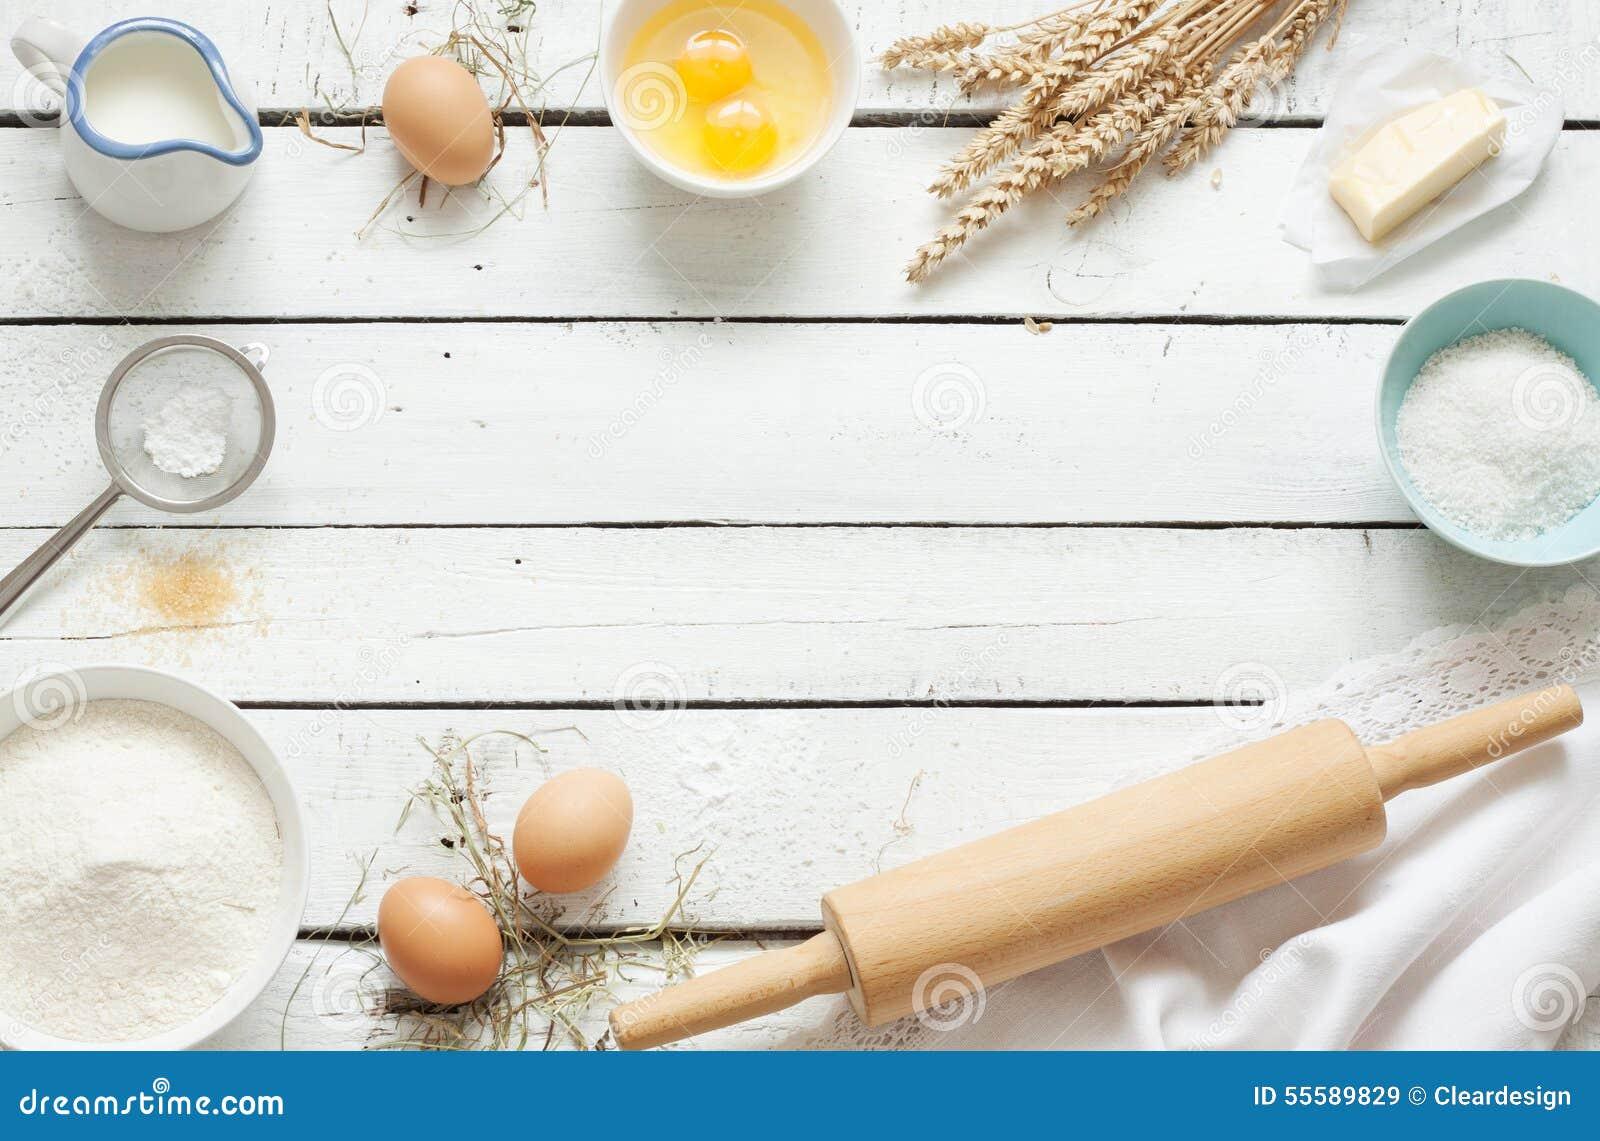 Dolce bollente in cucina rustica - ingredienti di ricetta della pasta sulla tavola di legno bianca